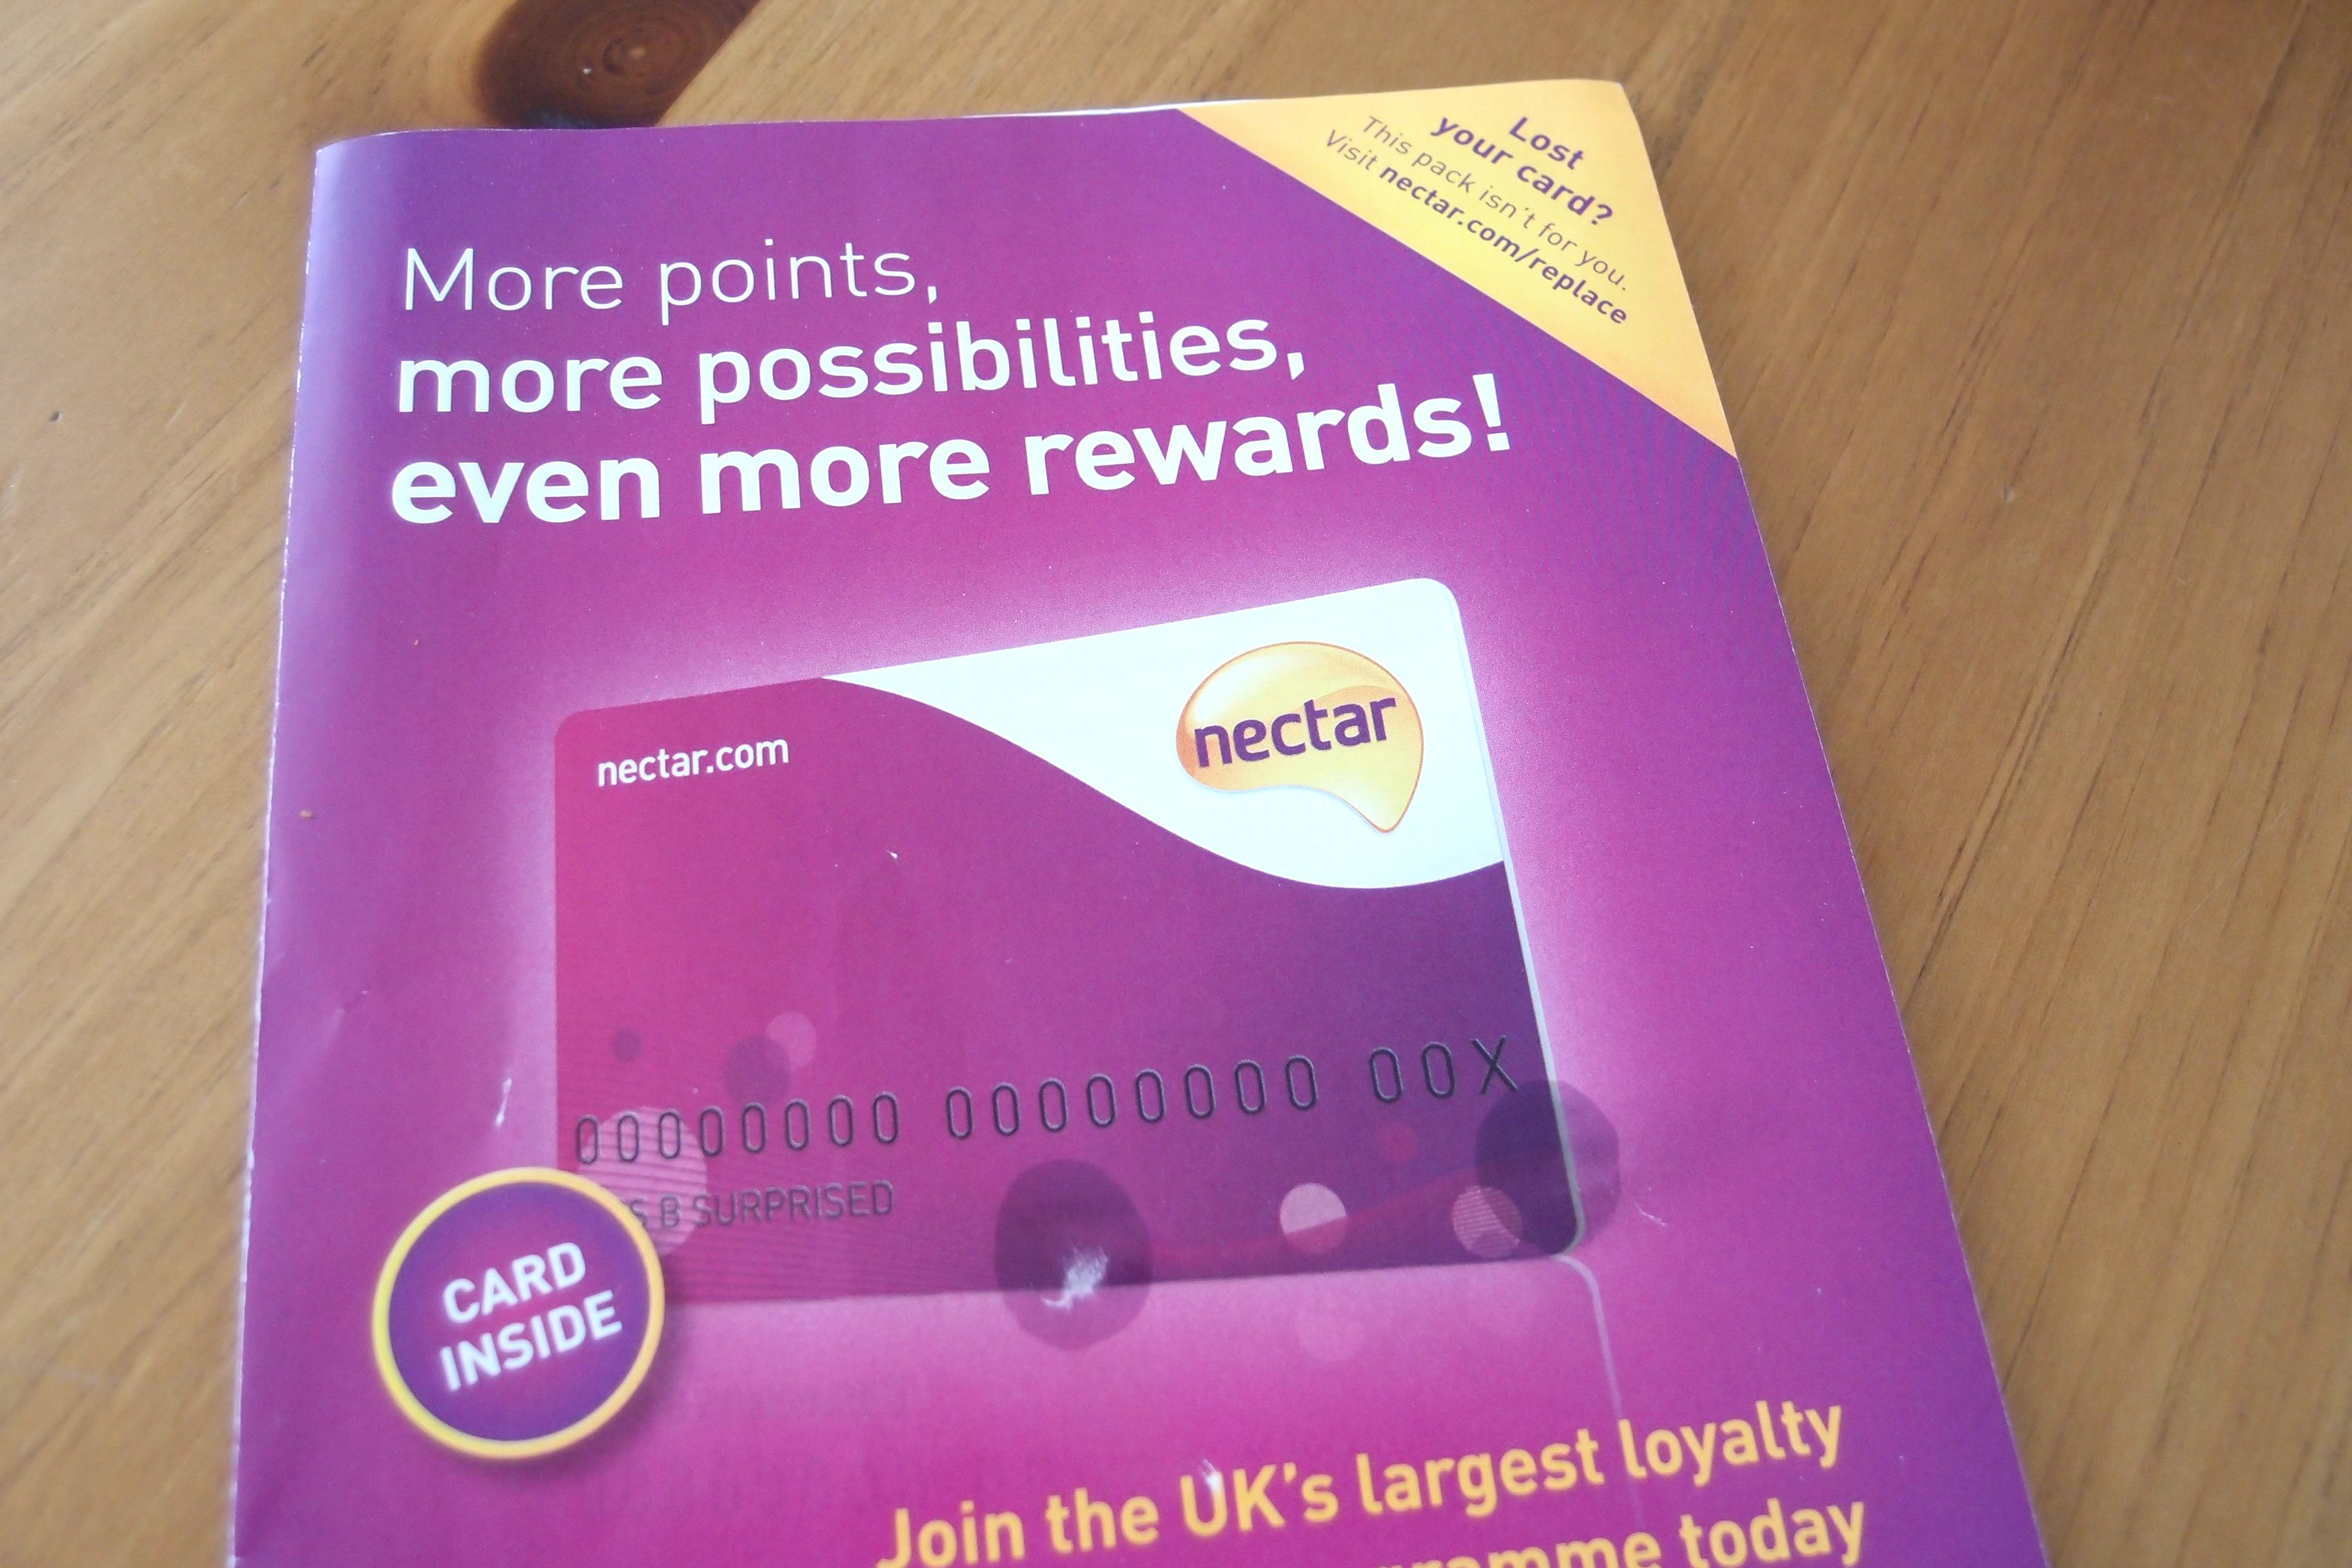 今更ですが、Sainsbury's のポイントカード (nectar card) を作る方法を記録しておきたいと思います